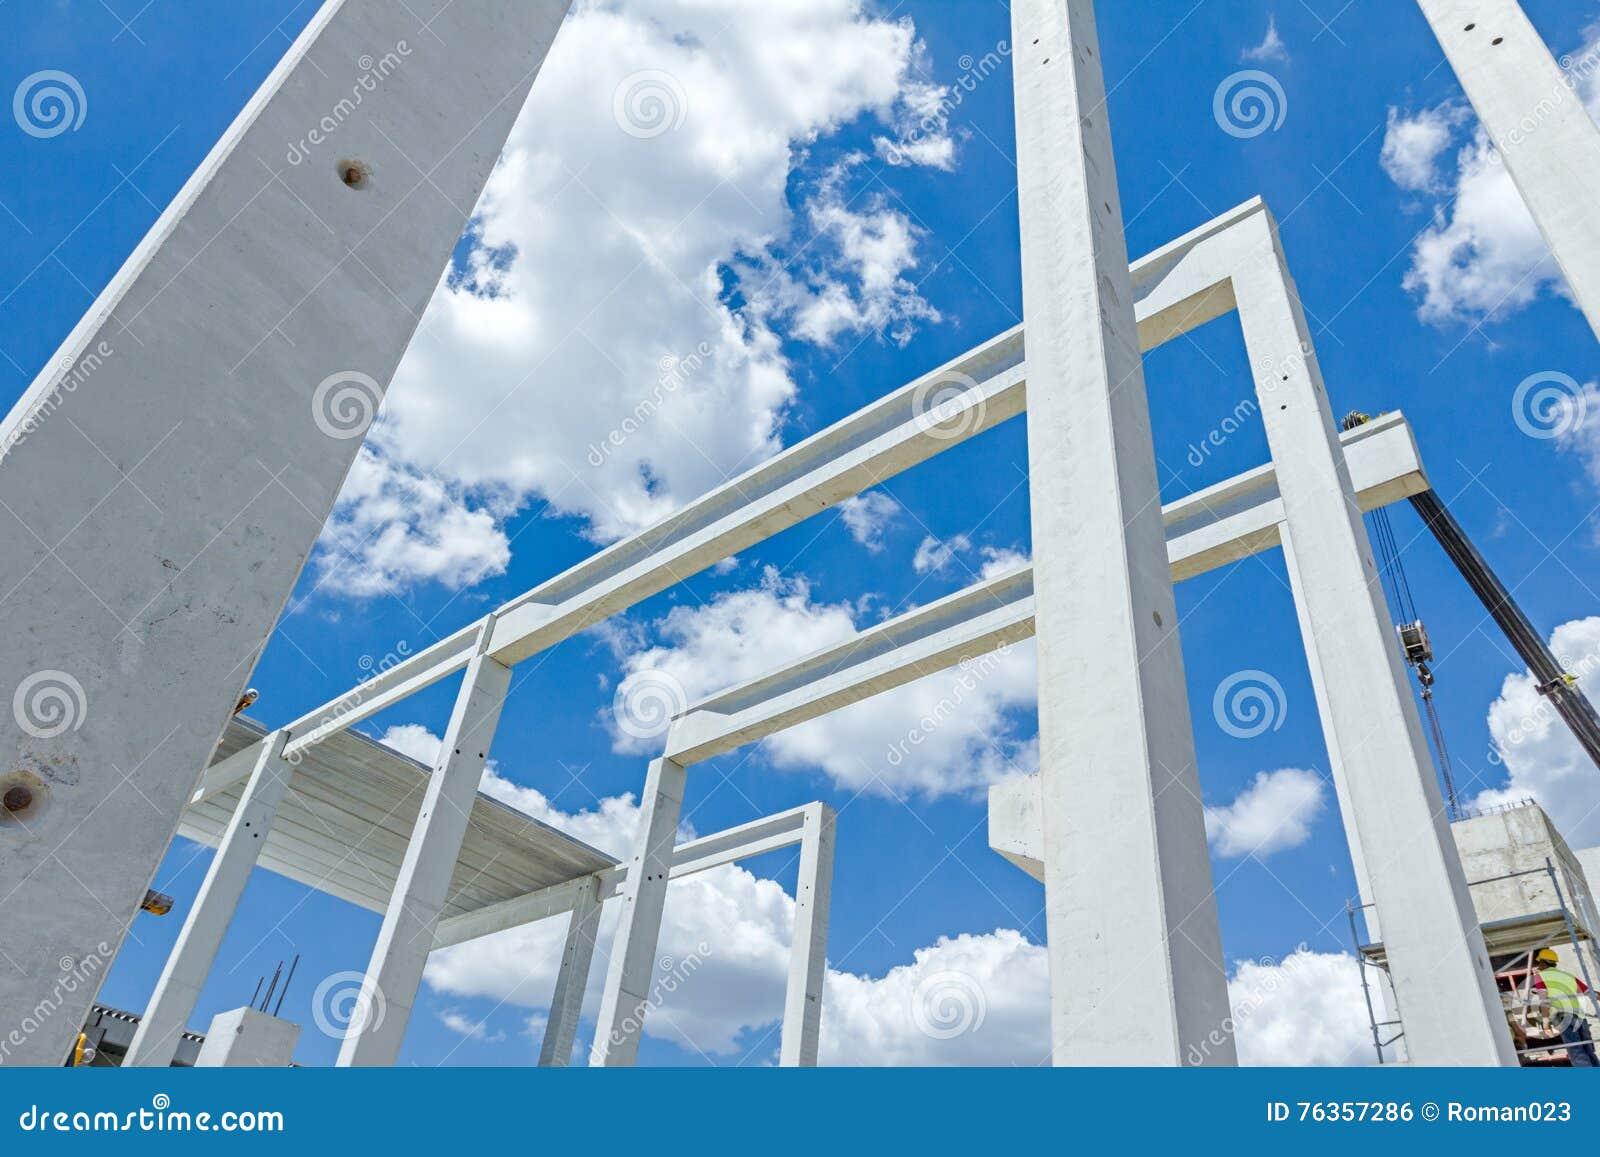 mobiler kran ist versammlungsskelett der enormen halle langer beton pu stockfoto bild von. Black Bedroom Furniture Sets. Home Design Ideas